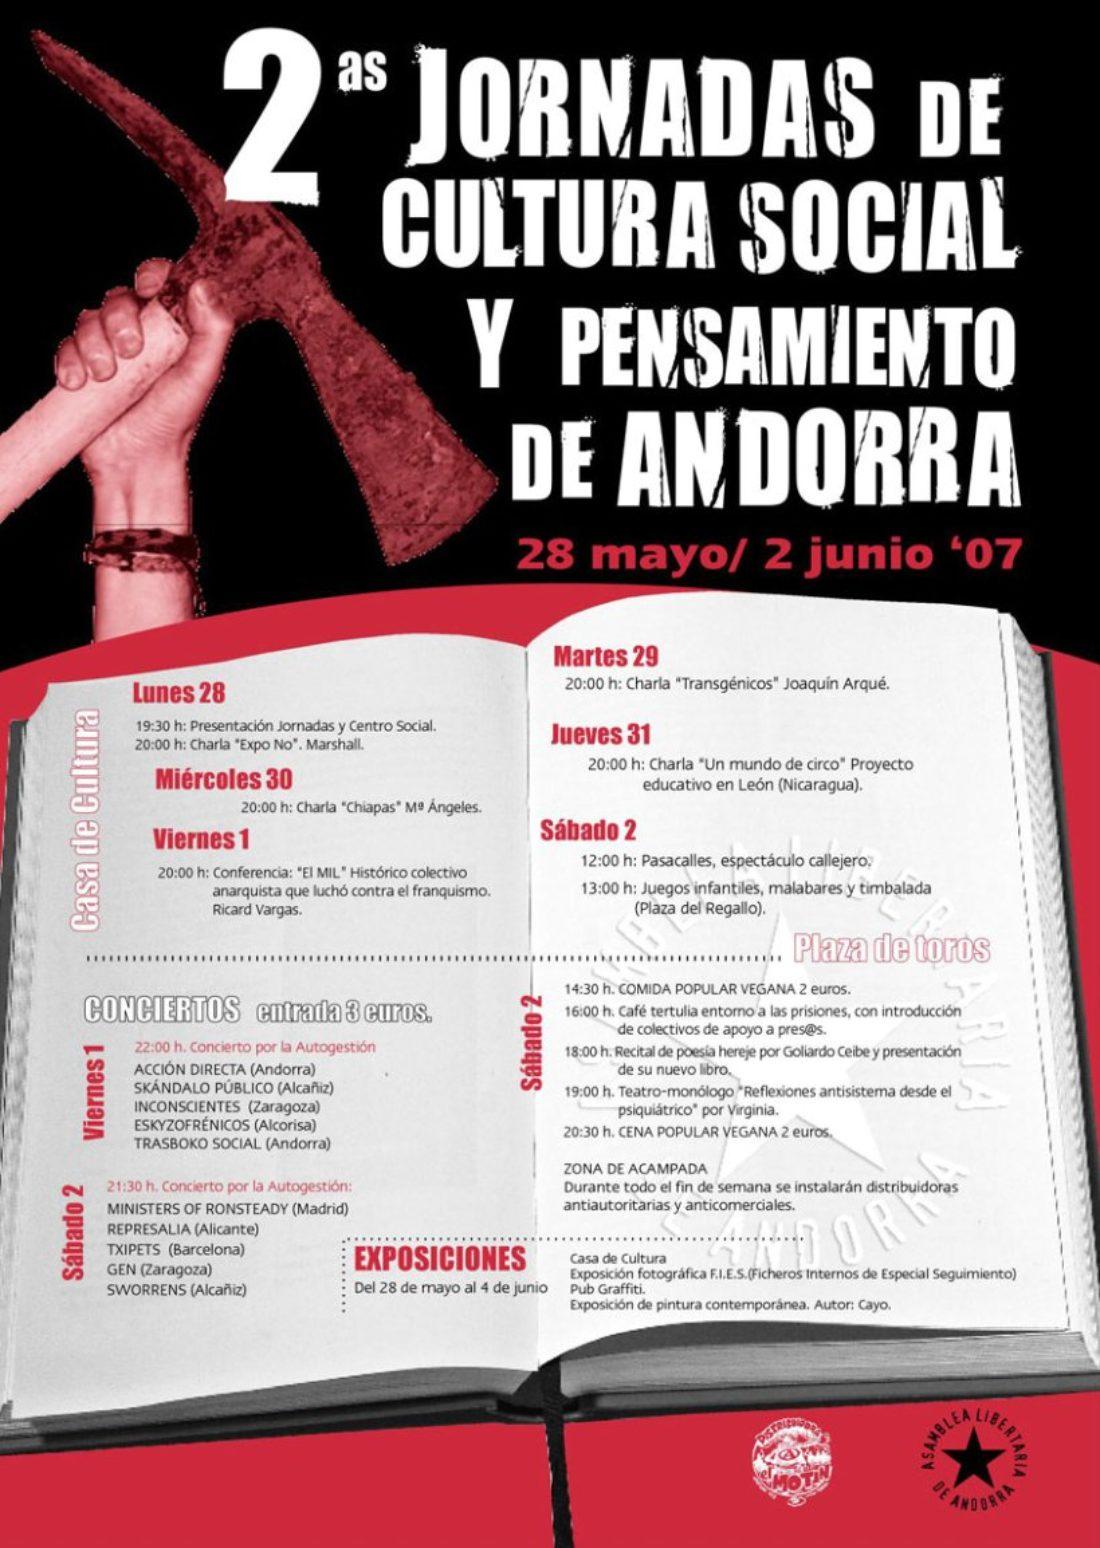 II Jornadas de Cultura Social y Pensamiento en Andorra (Teruel)